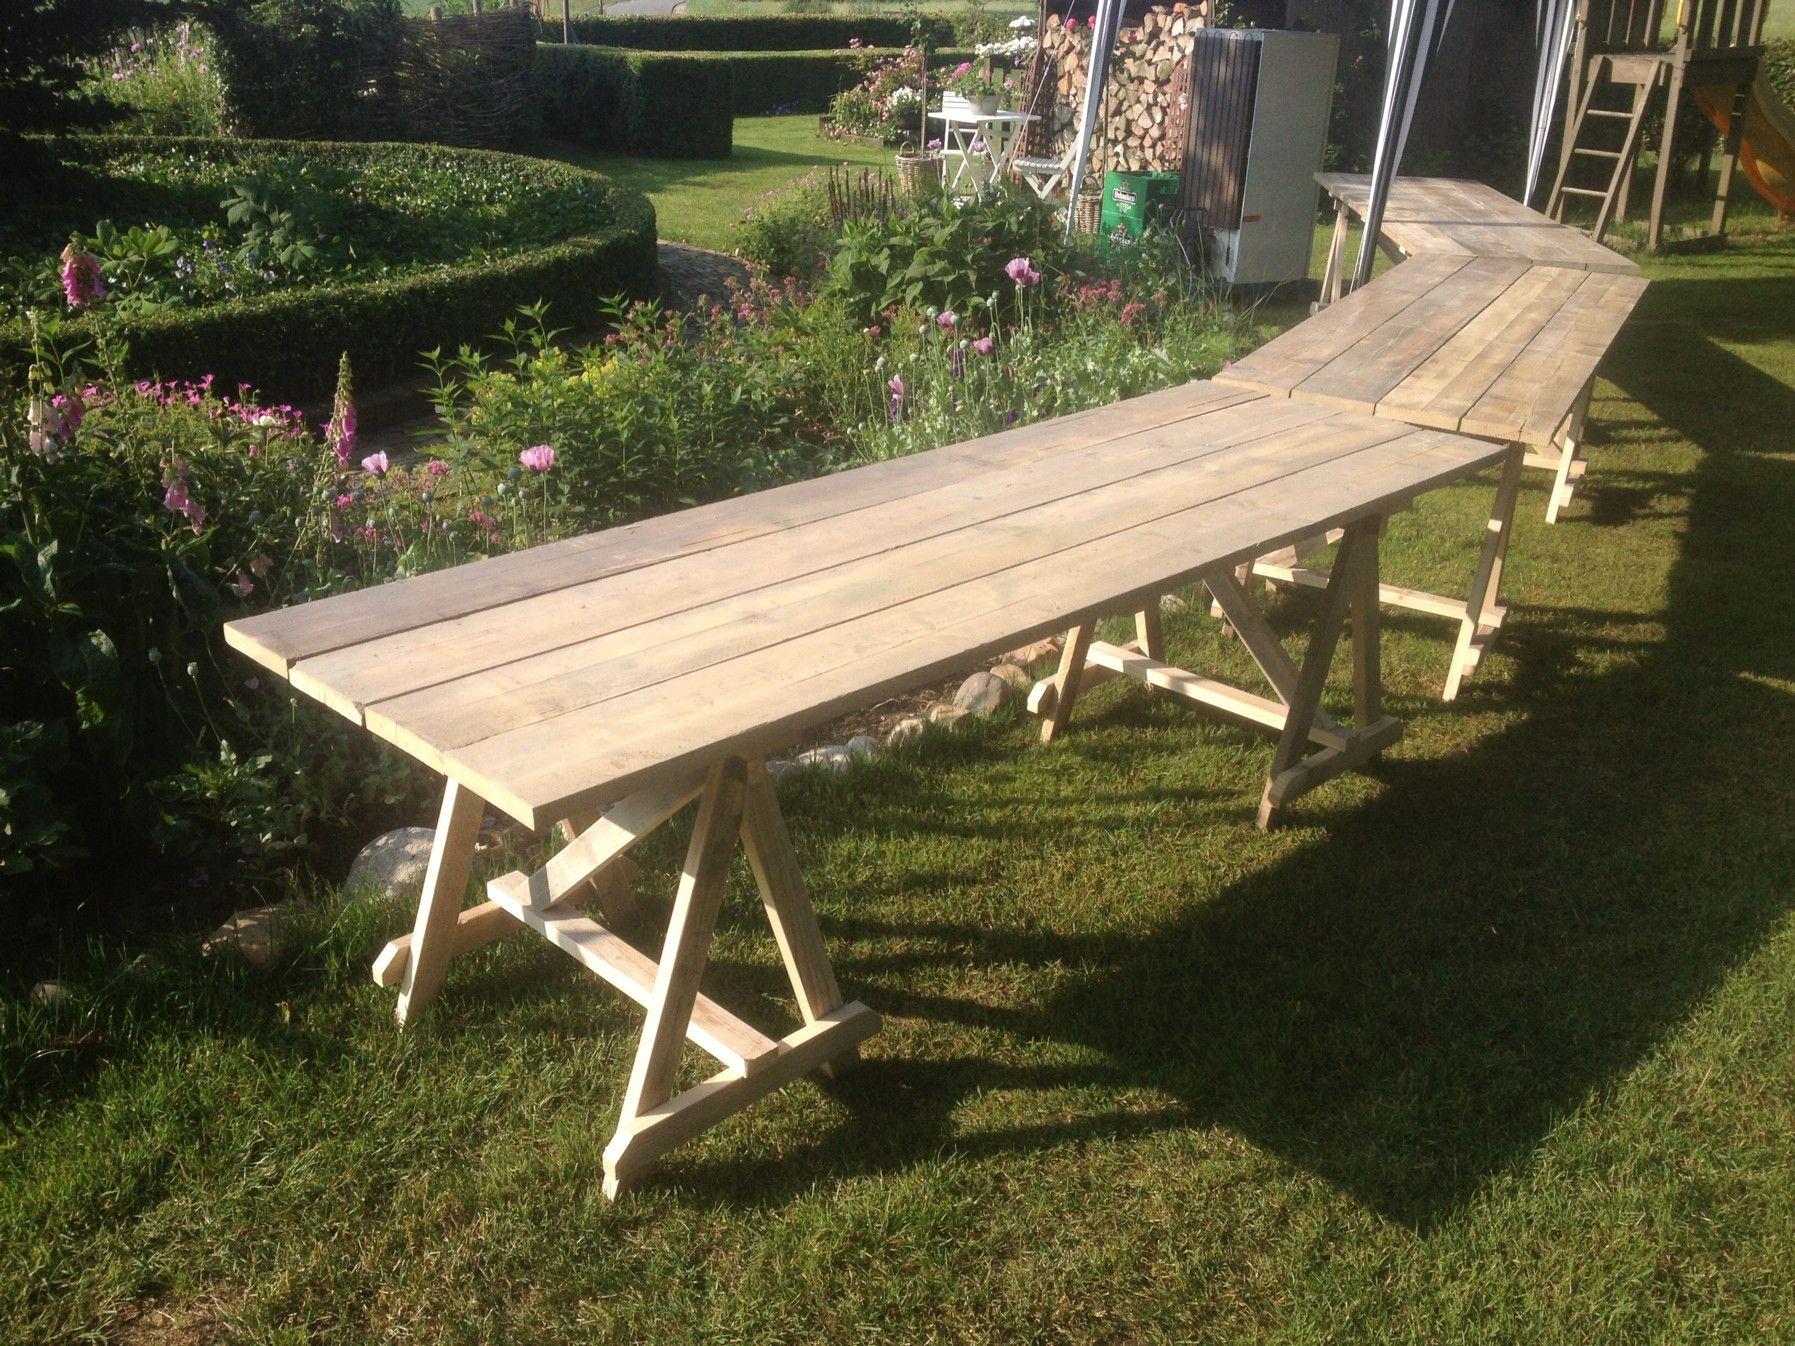 Houten tafel op schragen van gebruikt steigerhout handig als